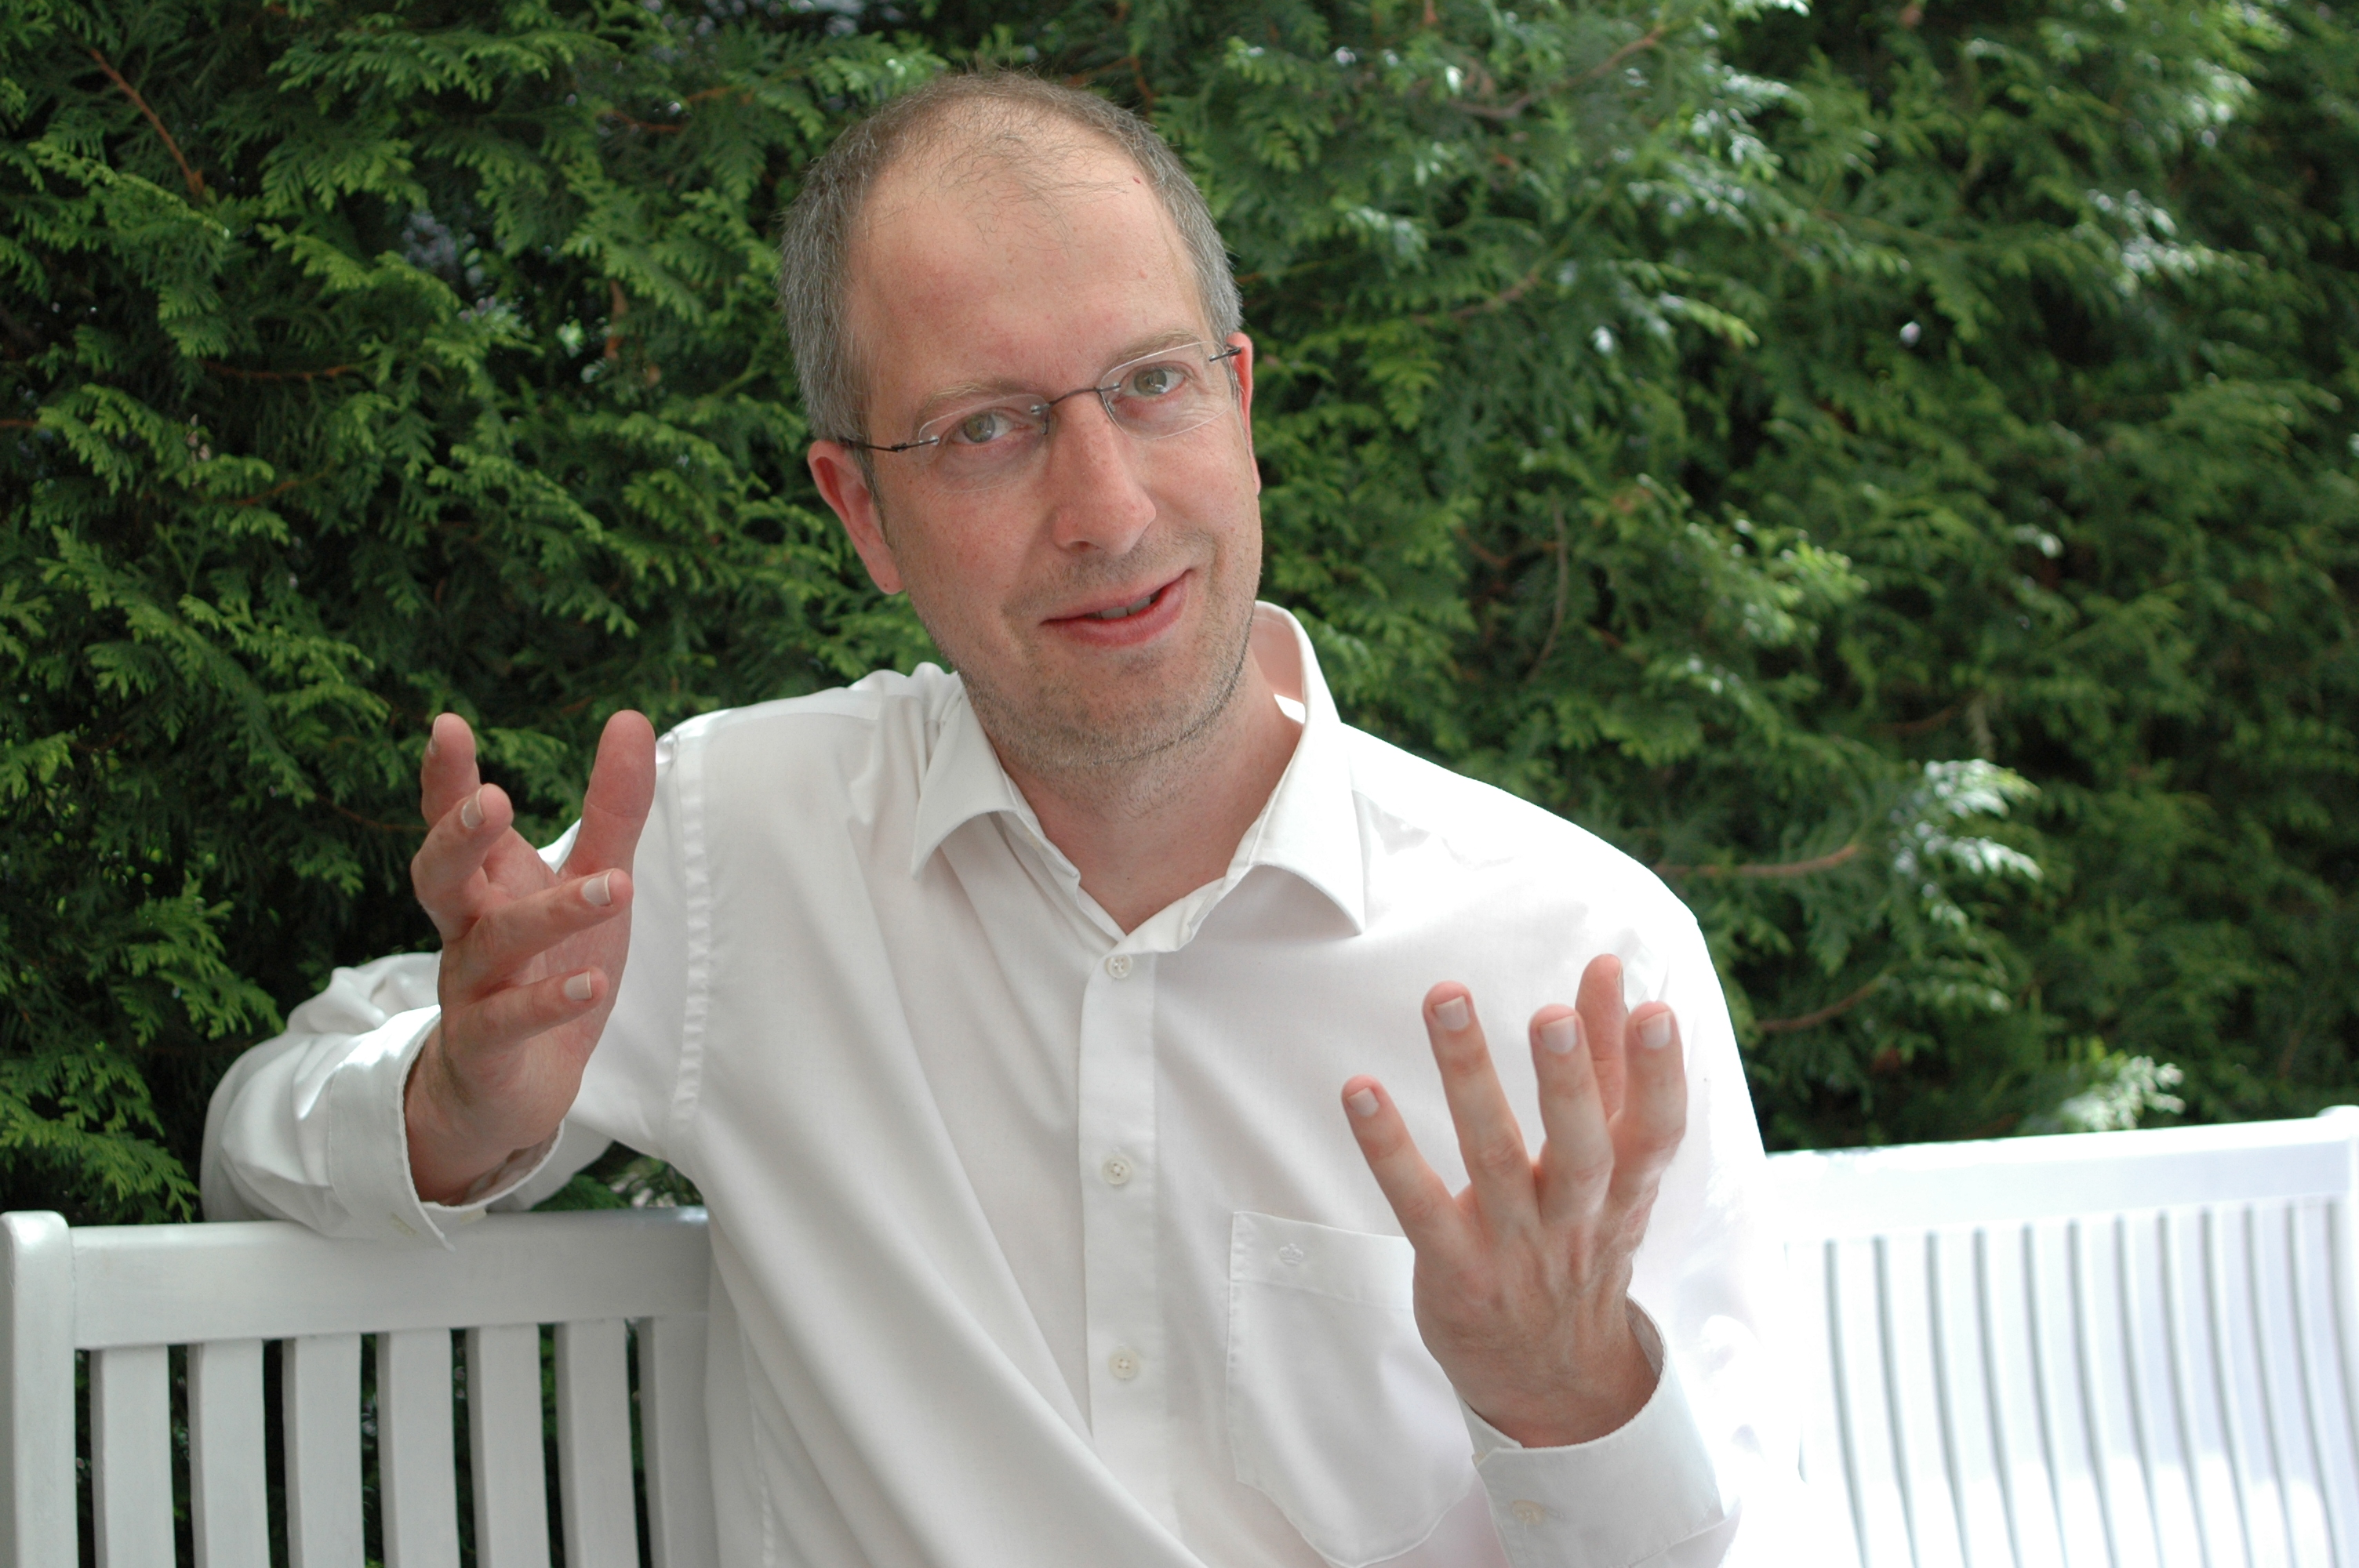 Jan_Tiemann_Mediation_in_Berlin_2